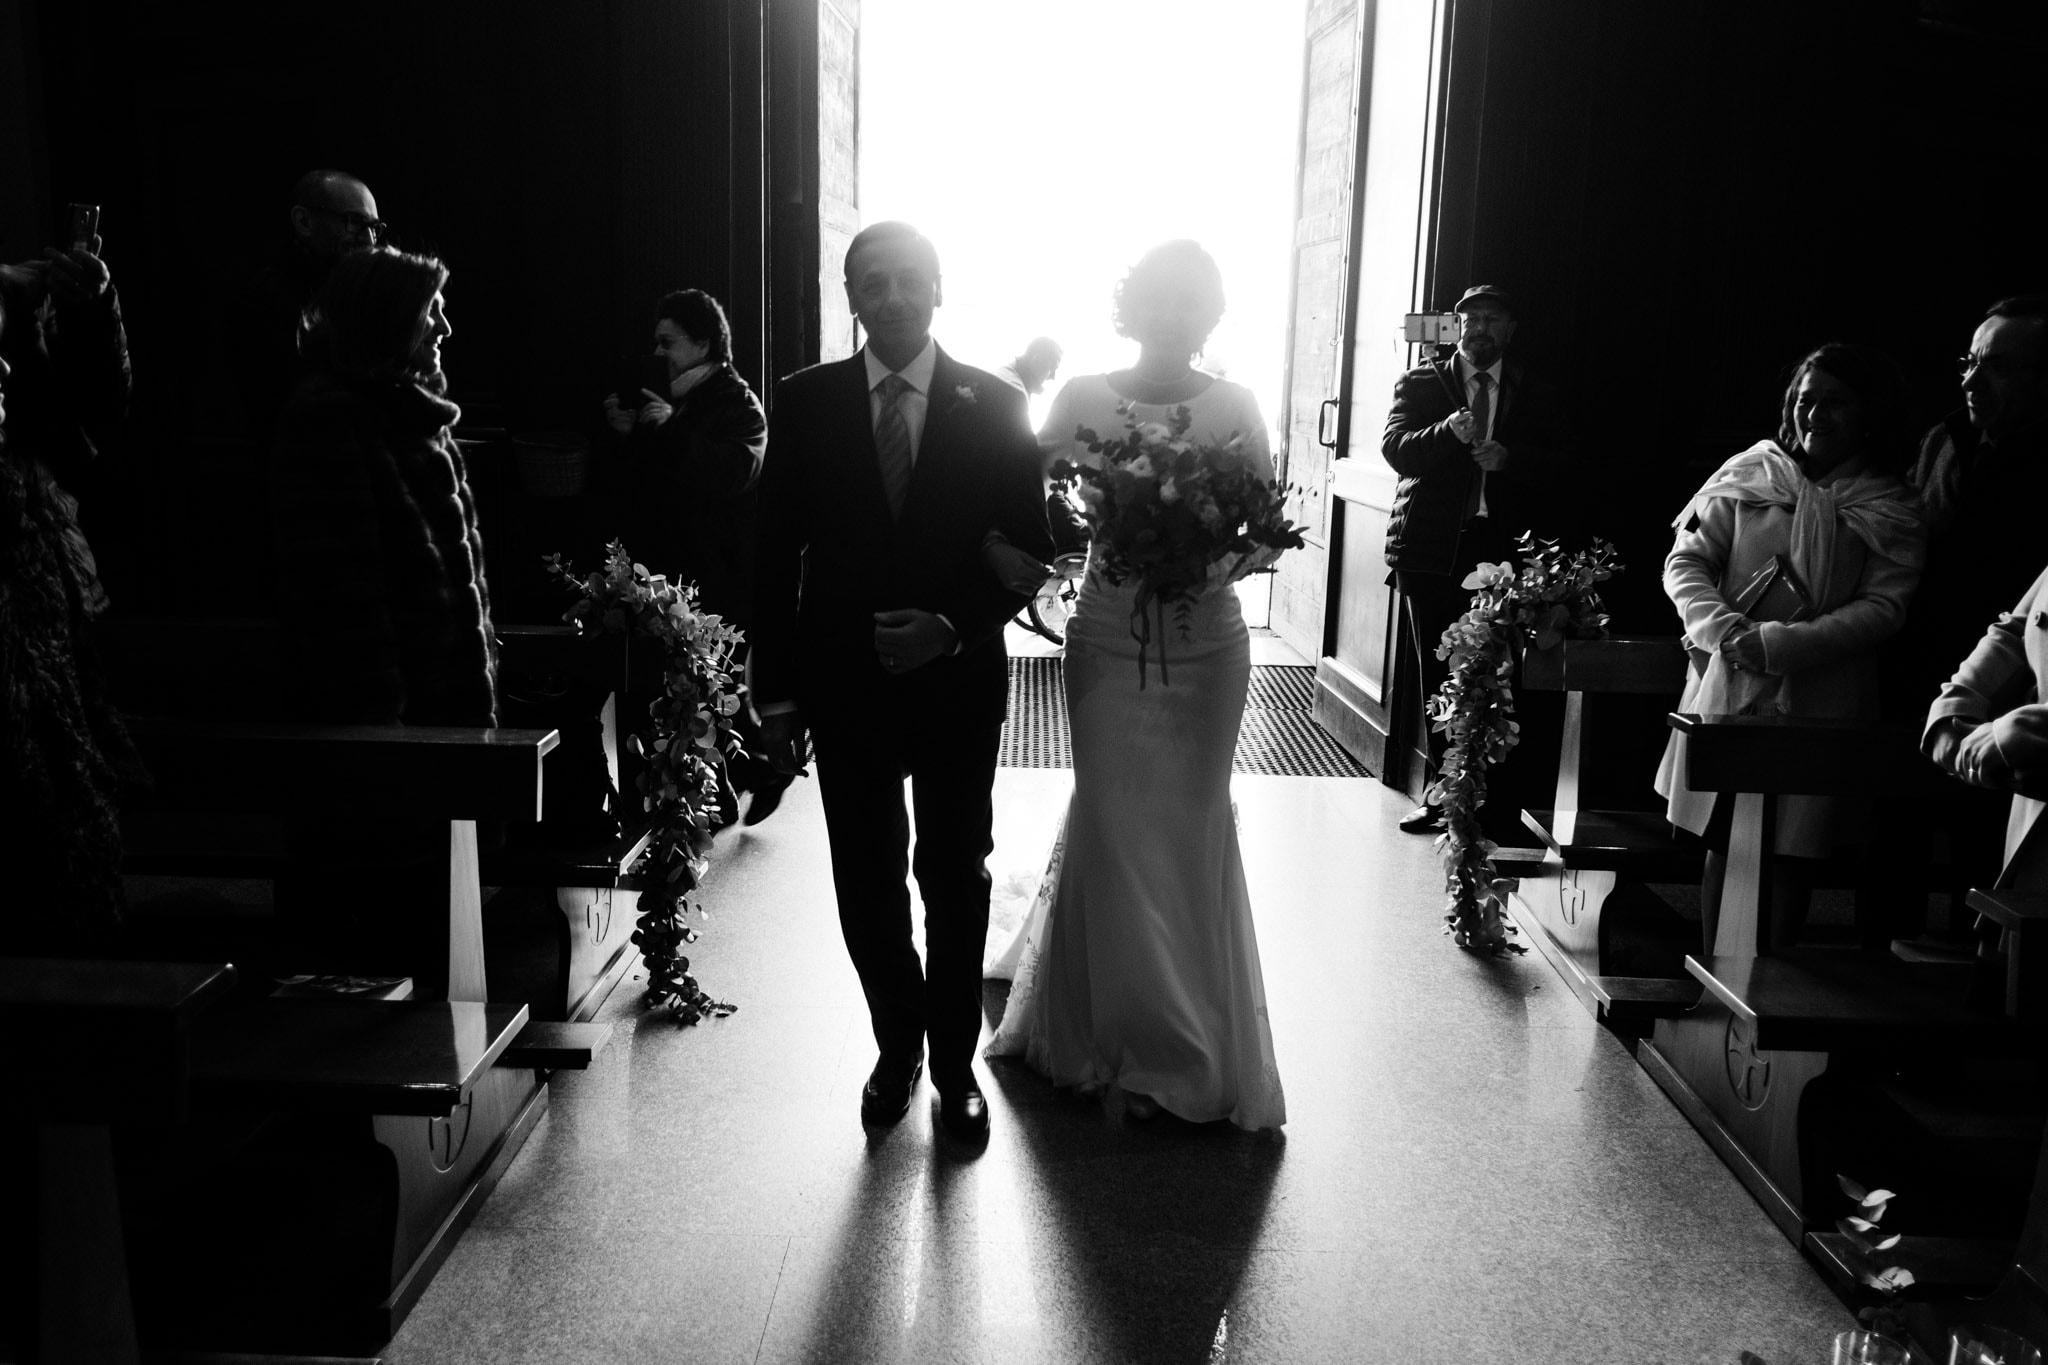 ingresso sposa con padre